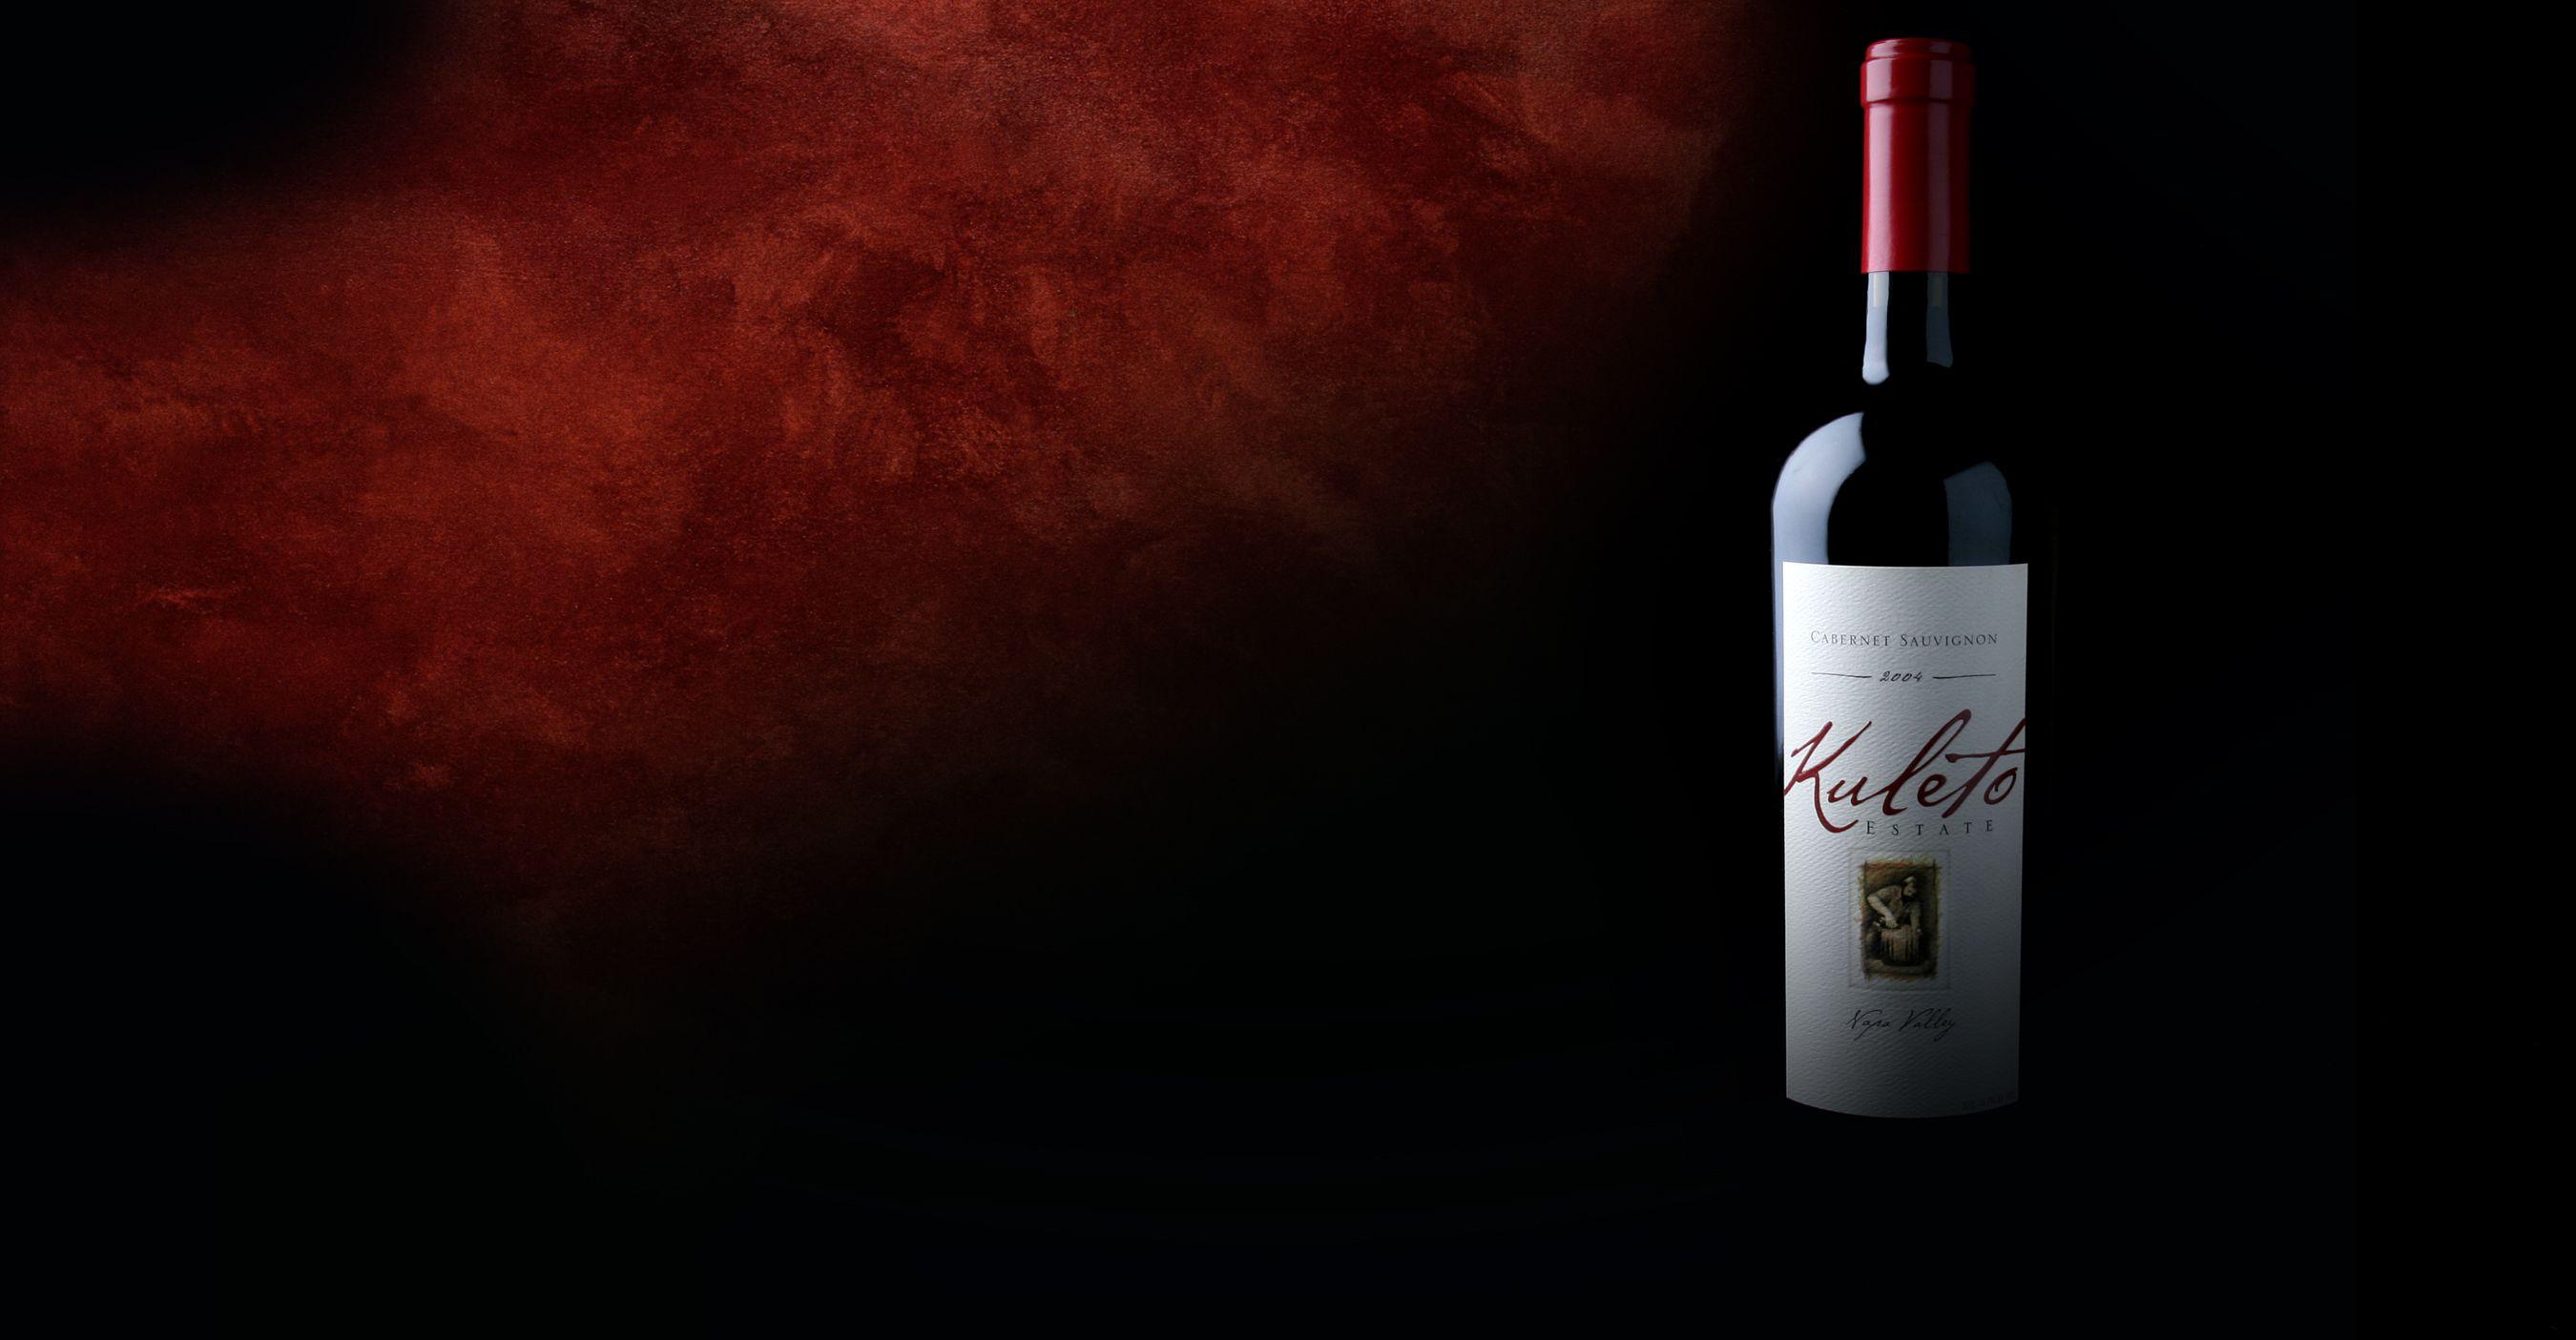 Nothing Like A Napa Valley Cab Kuleto Estate Cabernet Sauvignon Wine Bottle Cabernet Sauvignon Cabernet